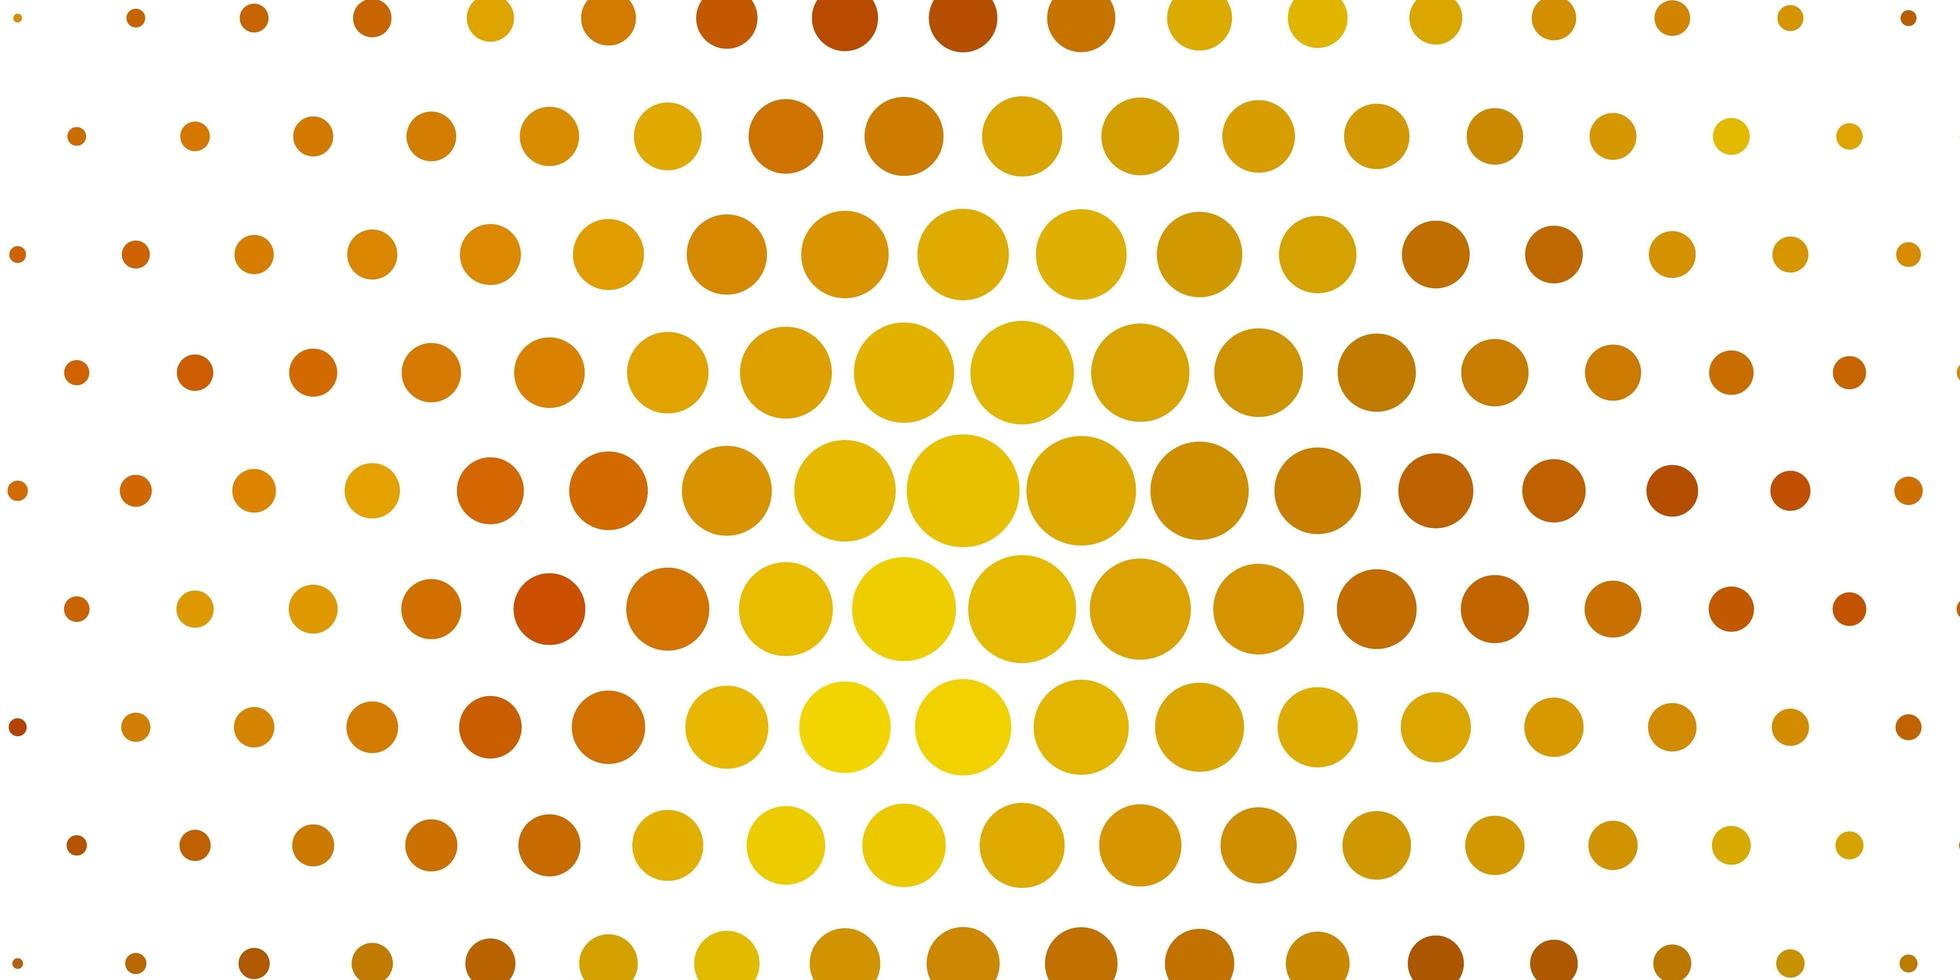 pano de fundo de vetor verde e amarelo claro com círculos.